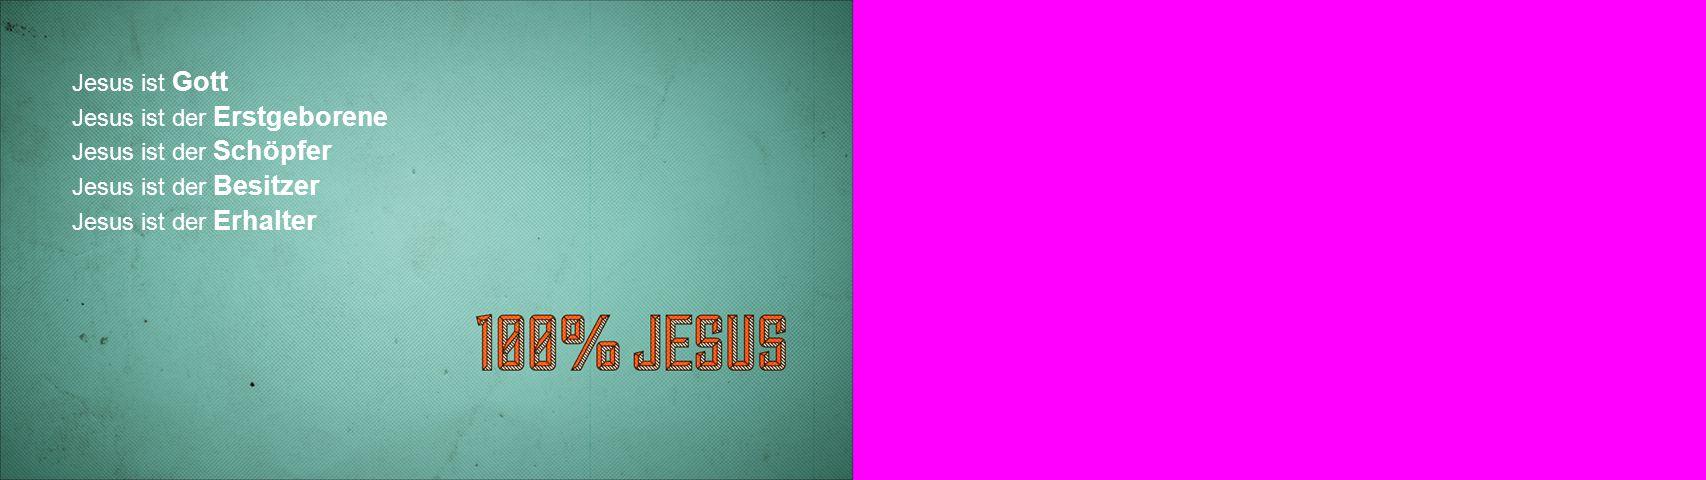 Jesus ist Gott Jesus ist der Erstgeborene Jesus ist der Schöpfer Jesus ist der Besitzer Jesus ist der Erhalter